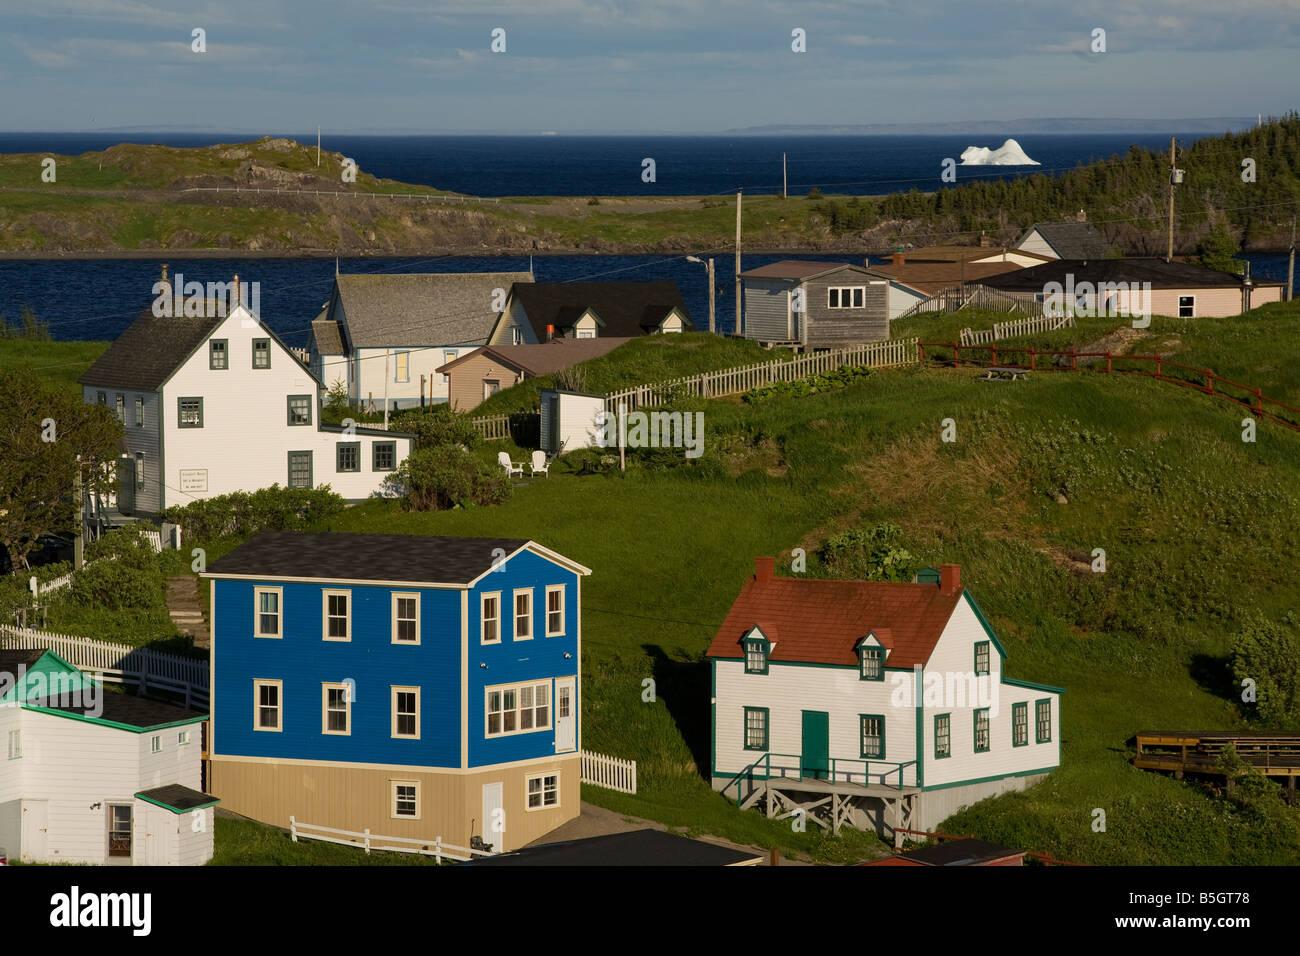 Trinity Newfoundland&Labrador Canada - Stock Image